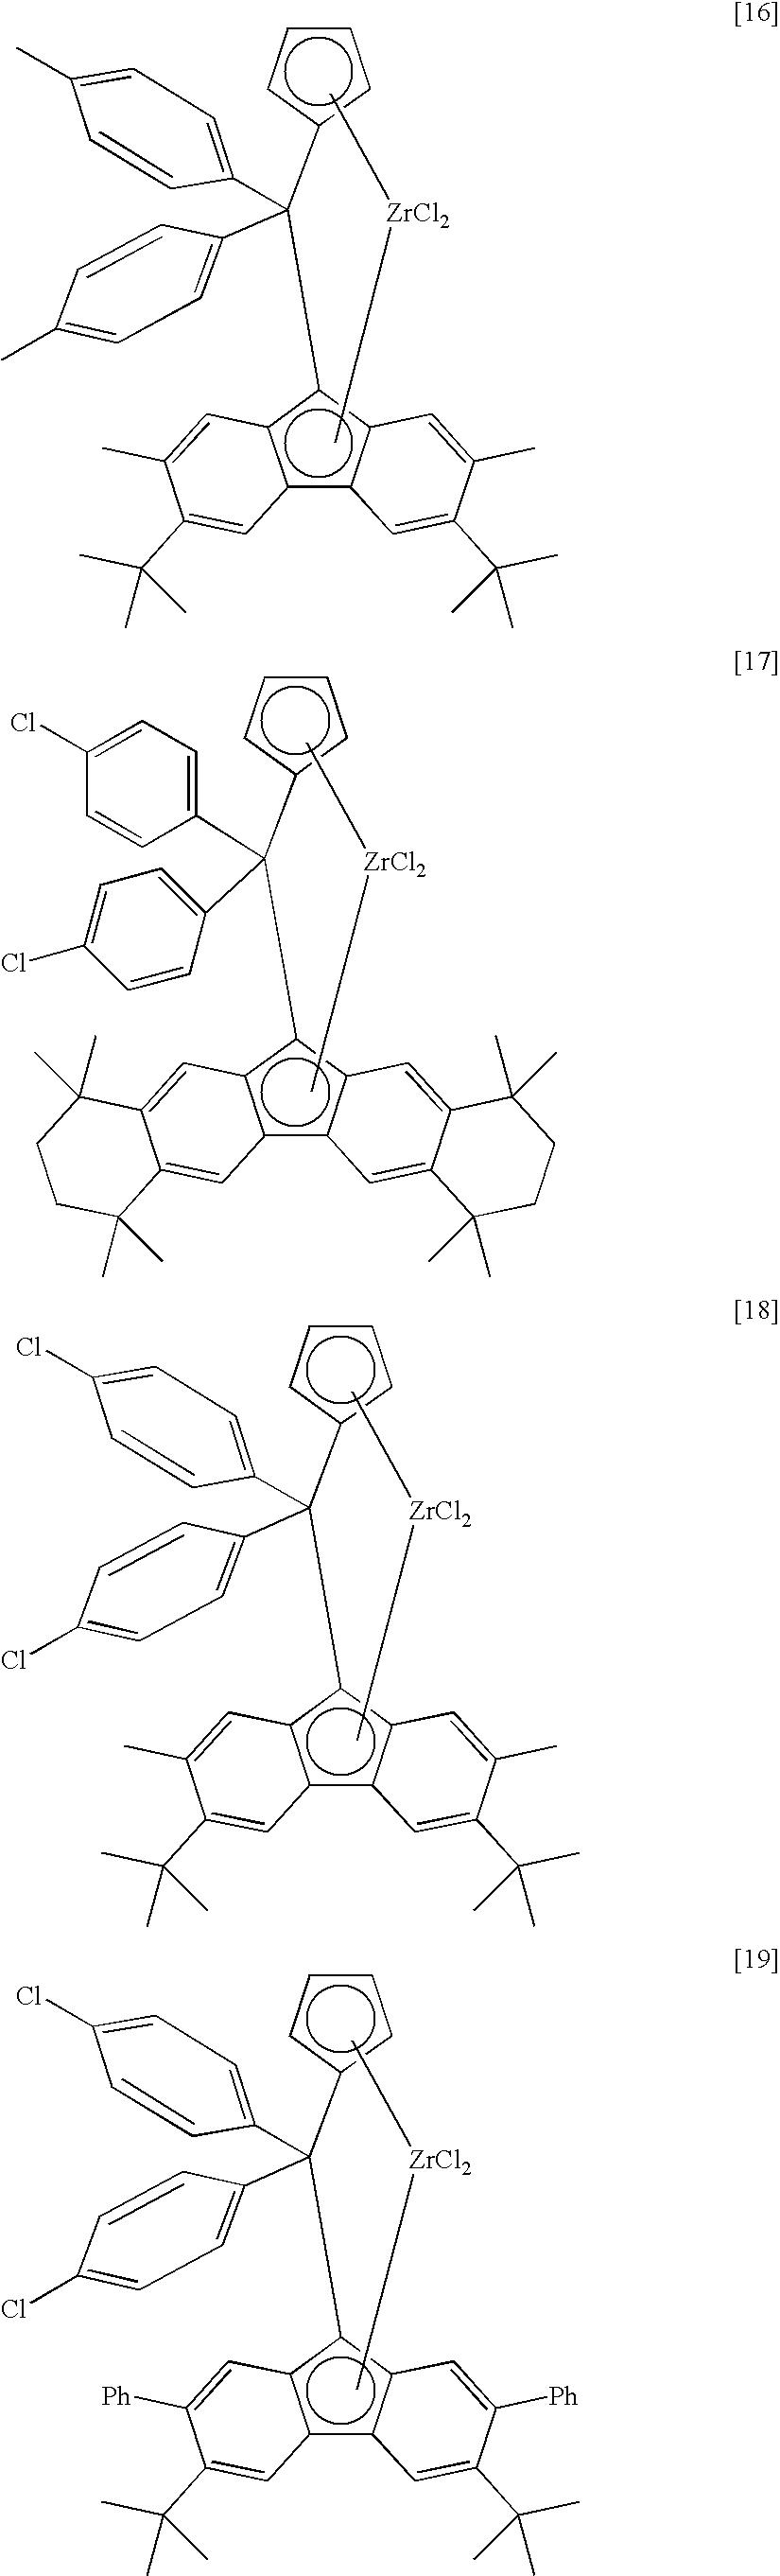 Figure US07795194-20100914-C00007